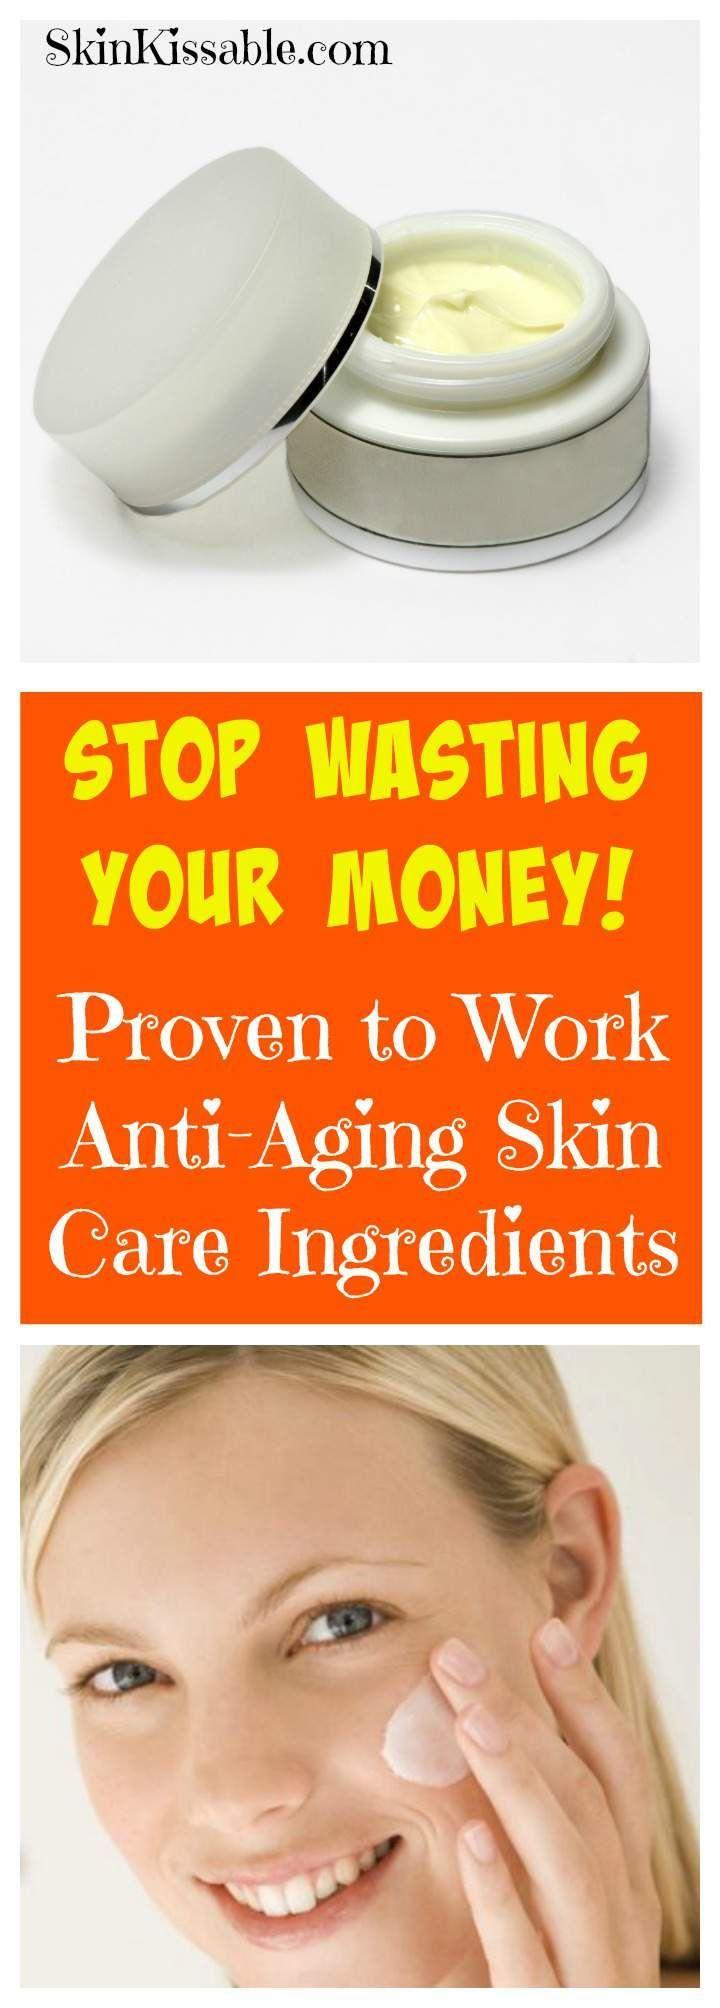 Best AntiAging Skin Care Ingredients. What ingredients